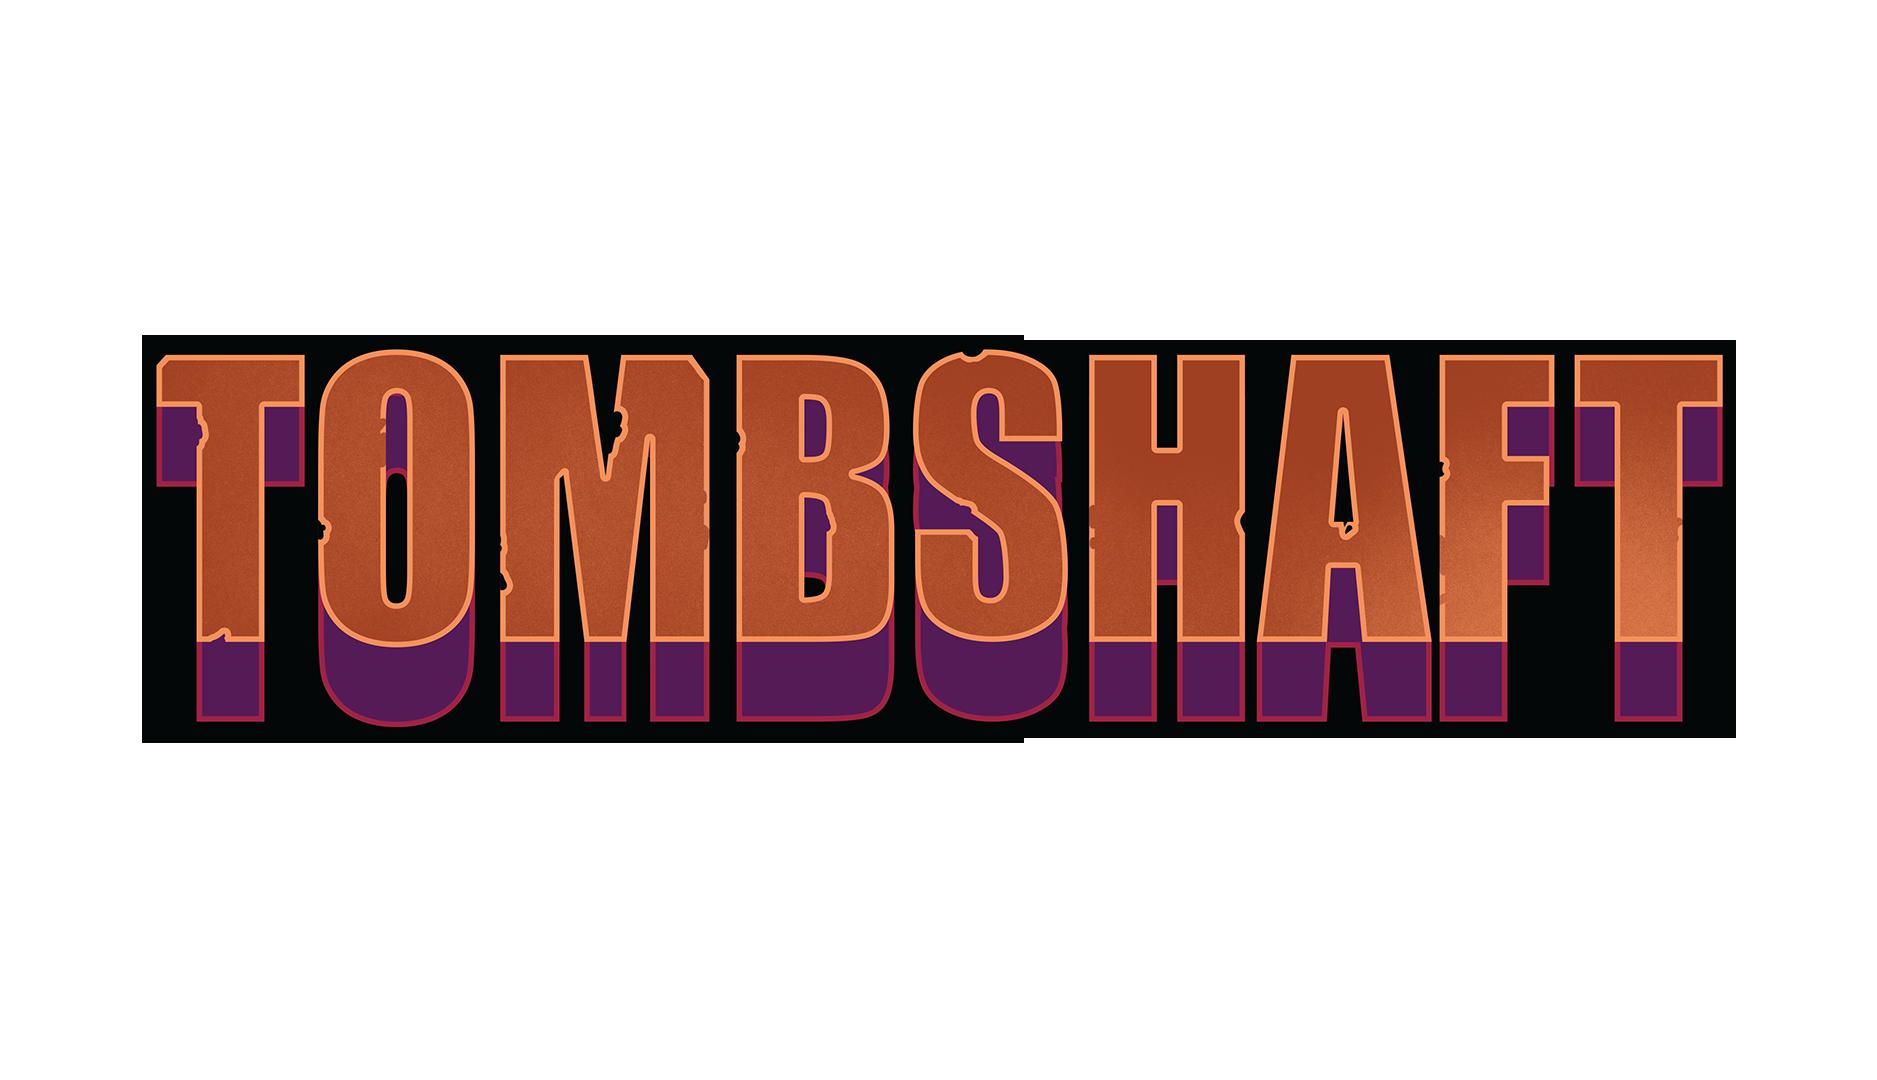 Tombshaft_logo-EN.png